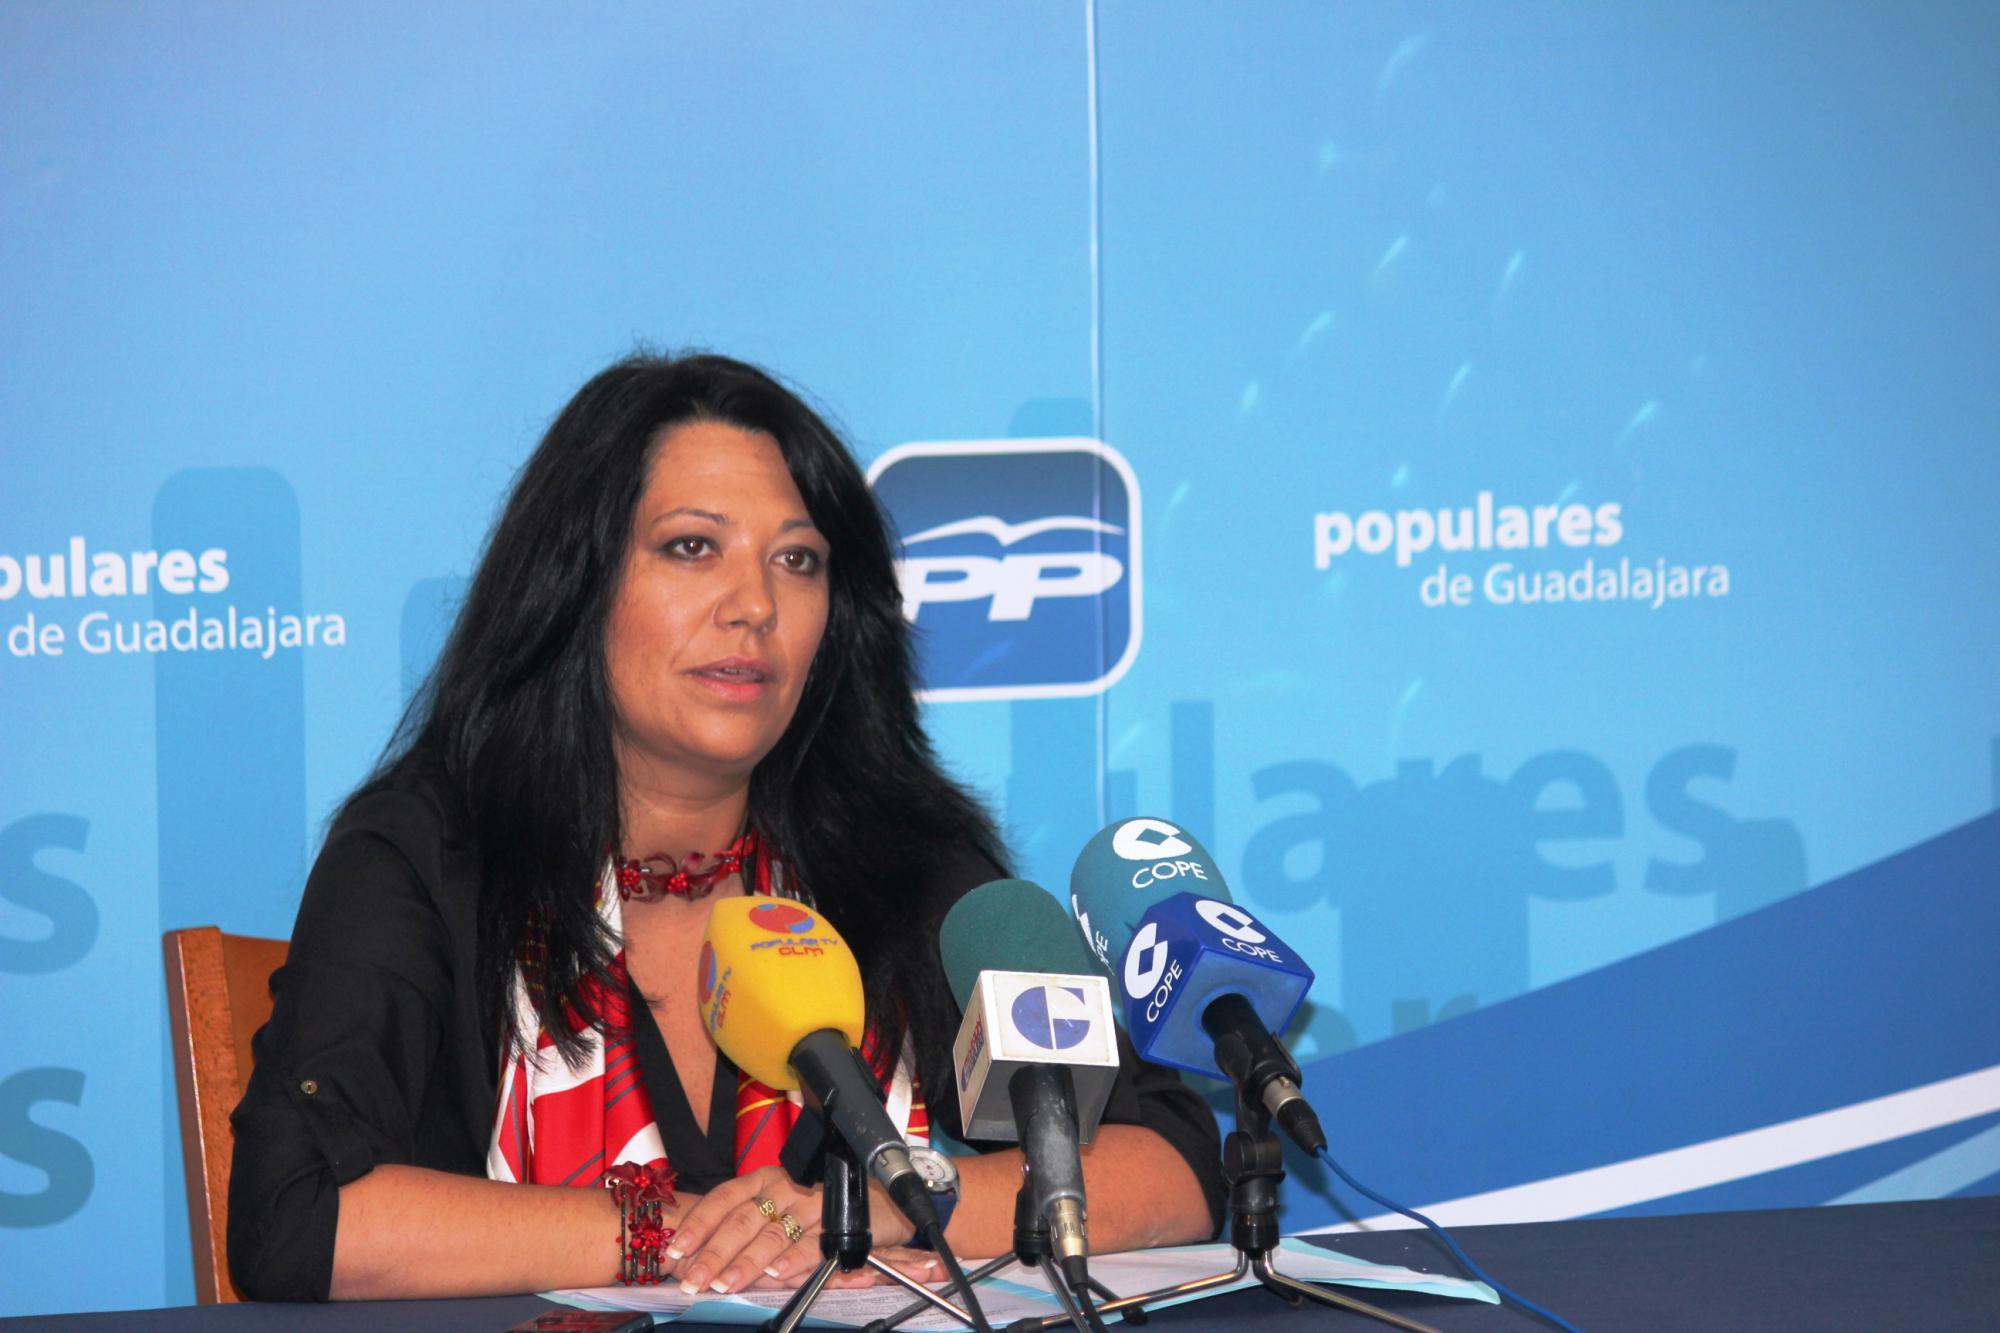 """Carolina Hernández: """"El PSOE que nos llevó a la ruina no ha cambiado, sigue siendo el mismo: quiere más paro, más déficit y más deuda generó en la región"""""""